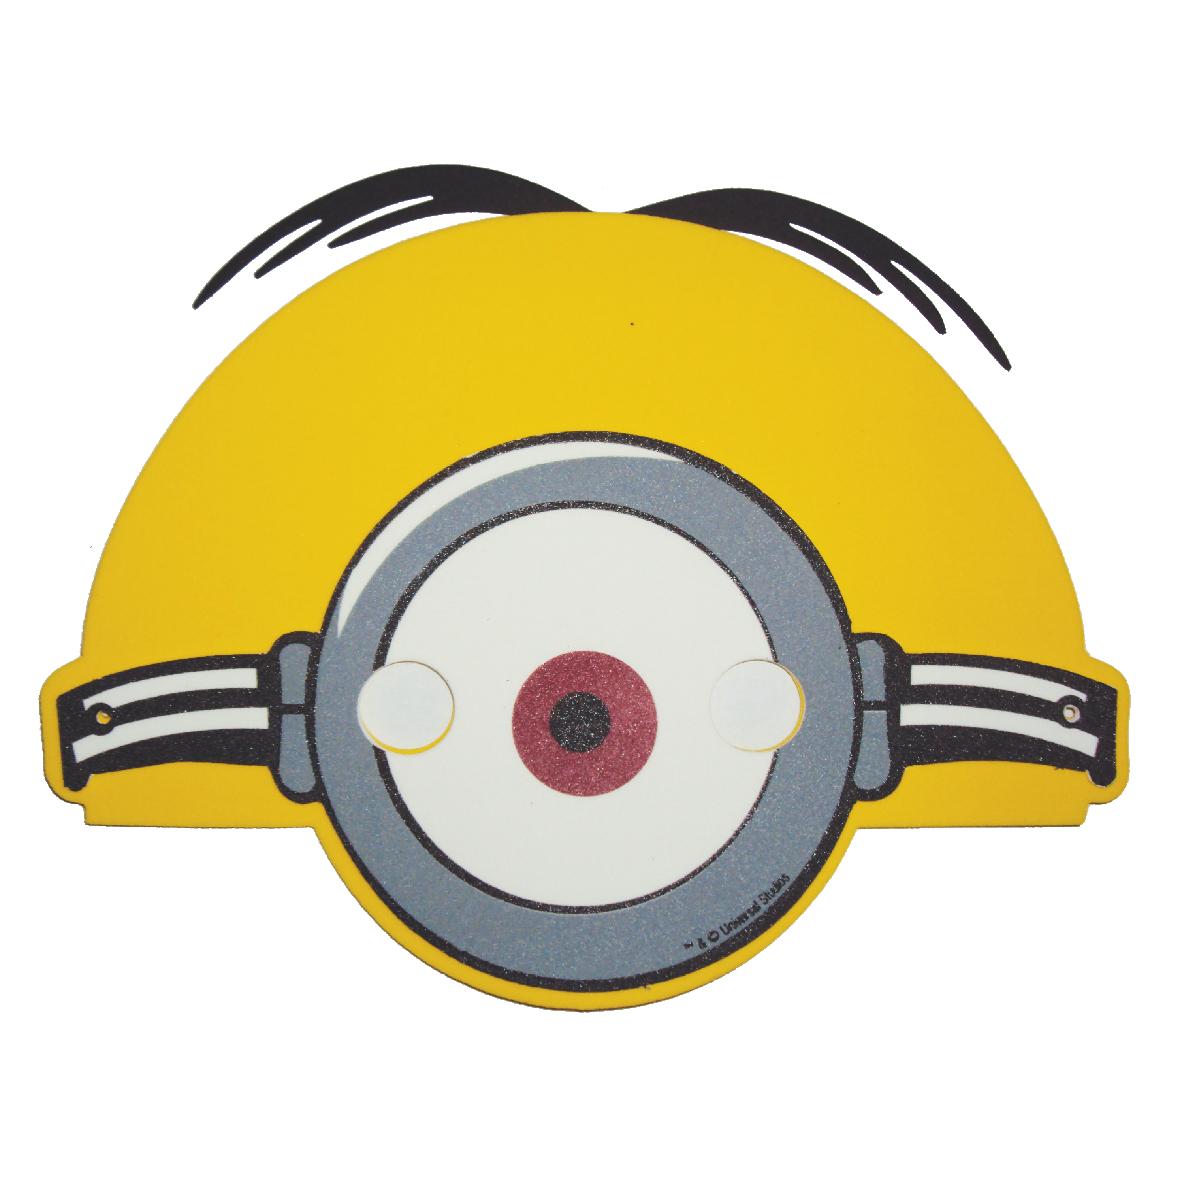 Kit Mascara Minions Com 3 Pecas Eva Tecnica Mascara Em Eva